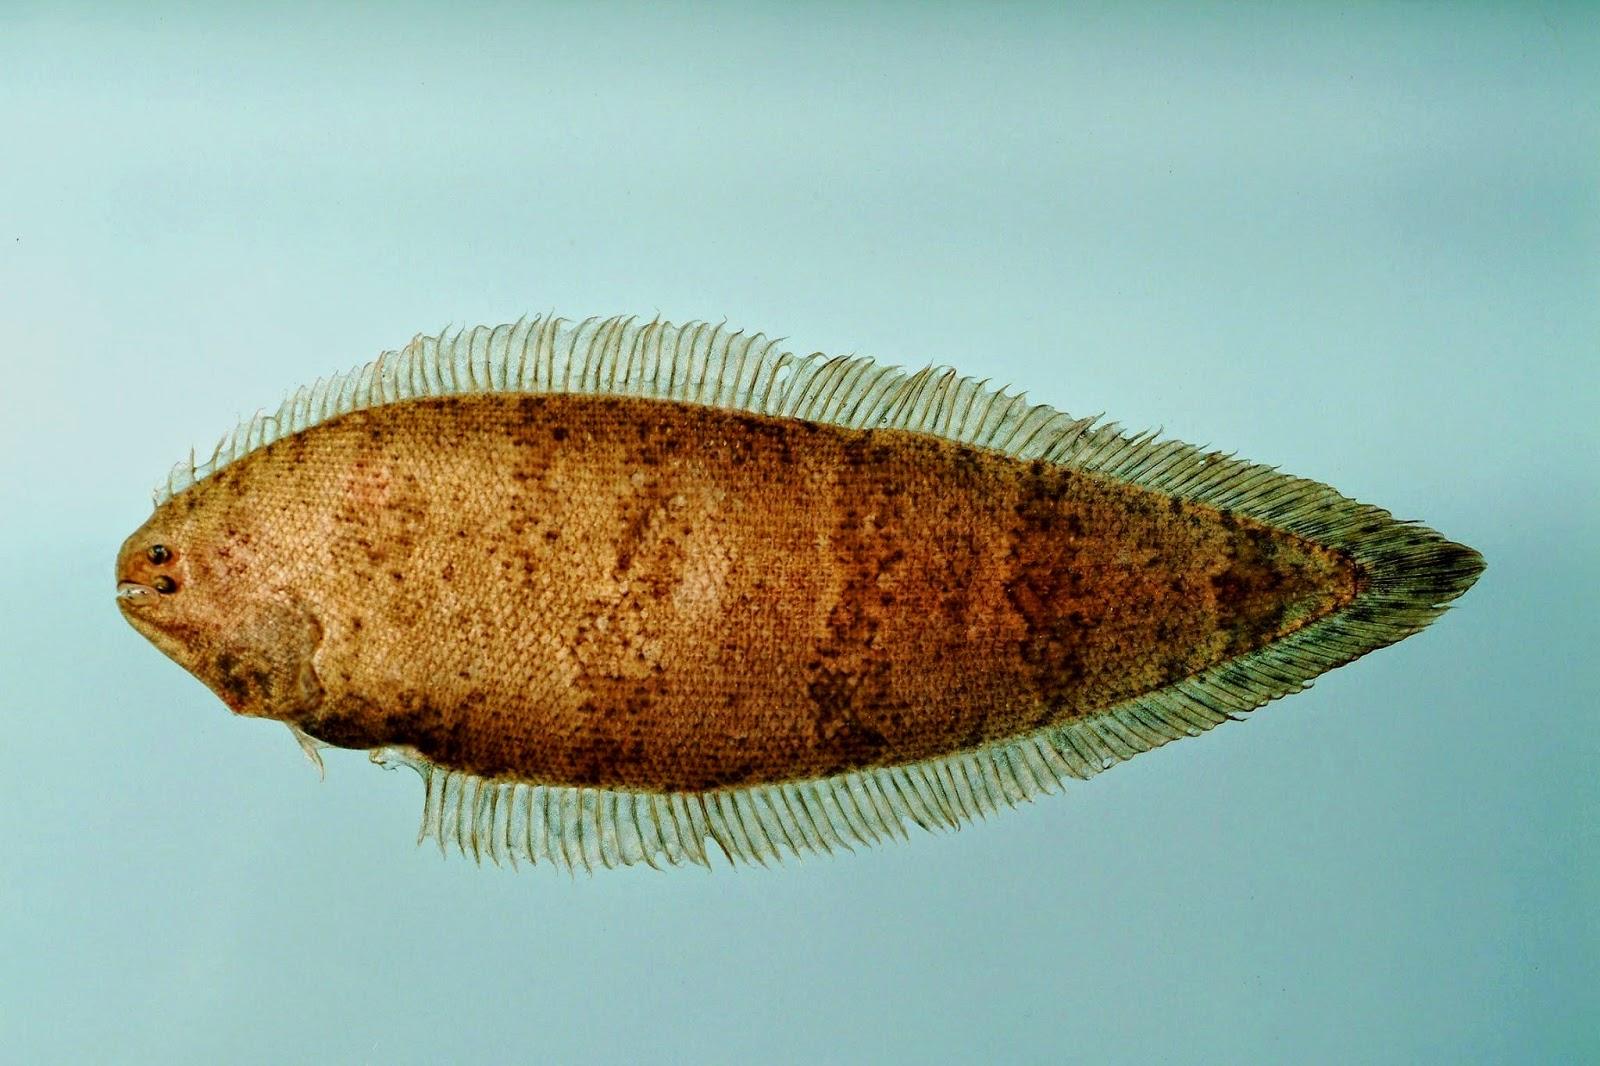 ikan unik yang berada di dasar laut